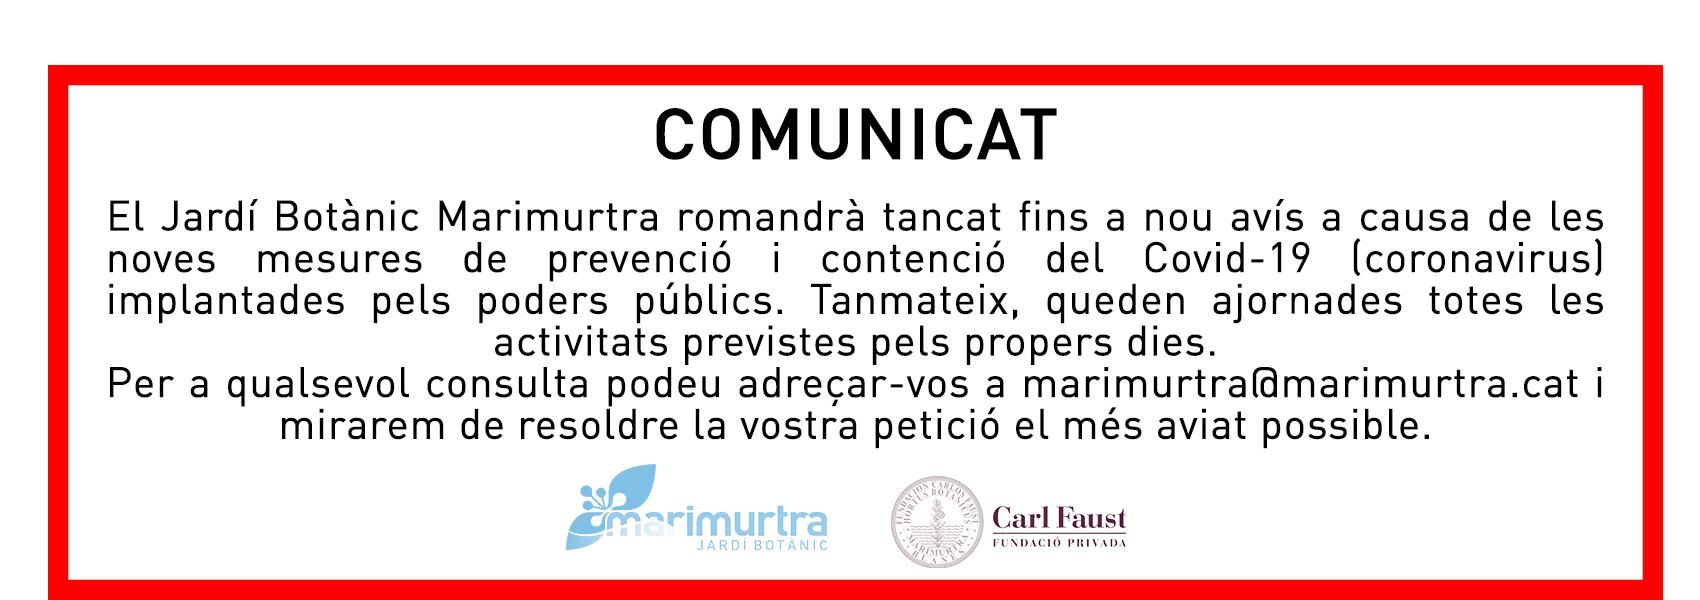 Comunicat Especial Coronavirus Marimurtra Tancat